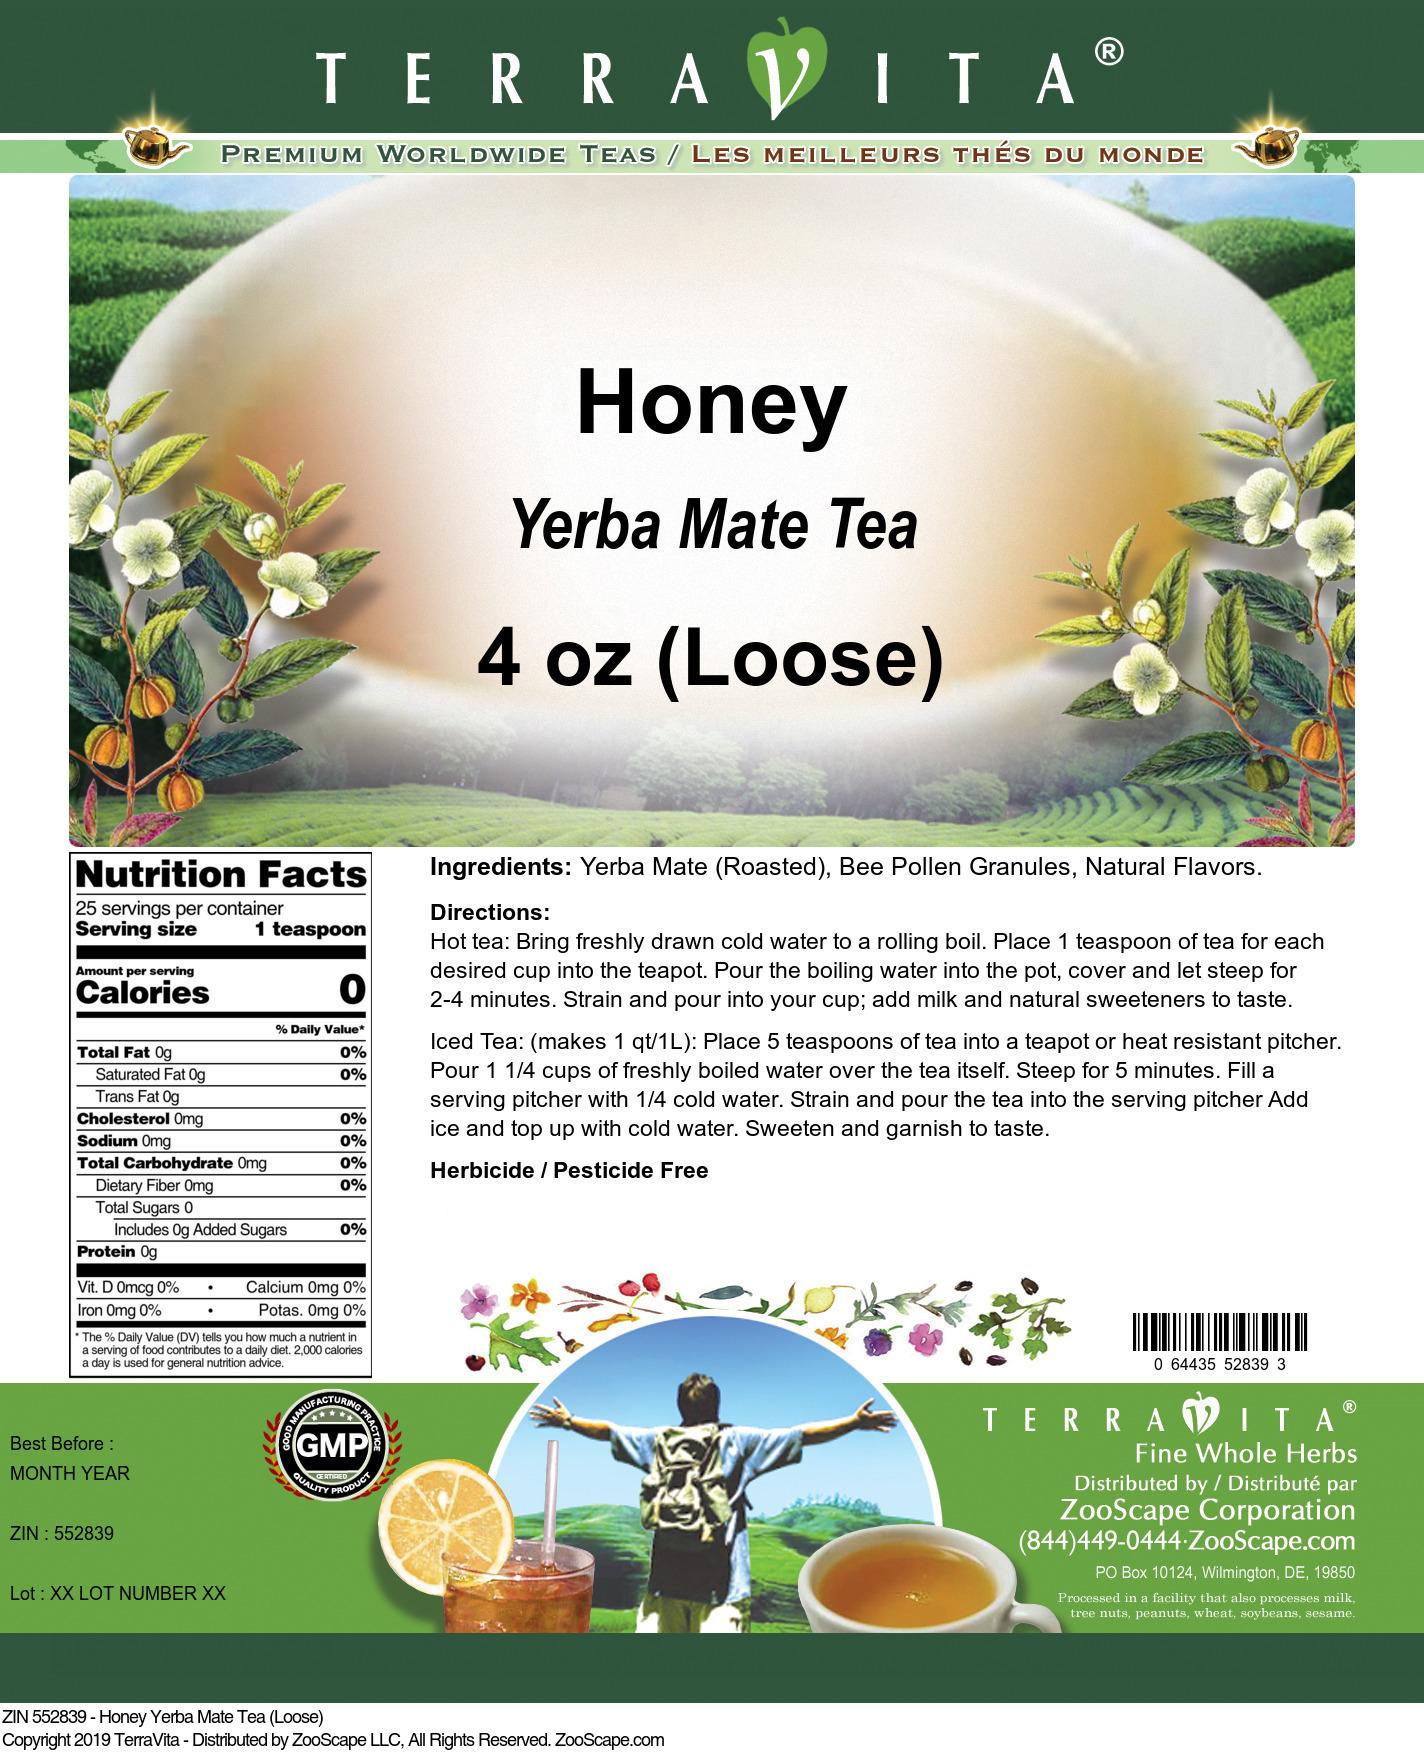 Honey Yerba Mate Tea (Loose)